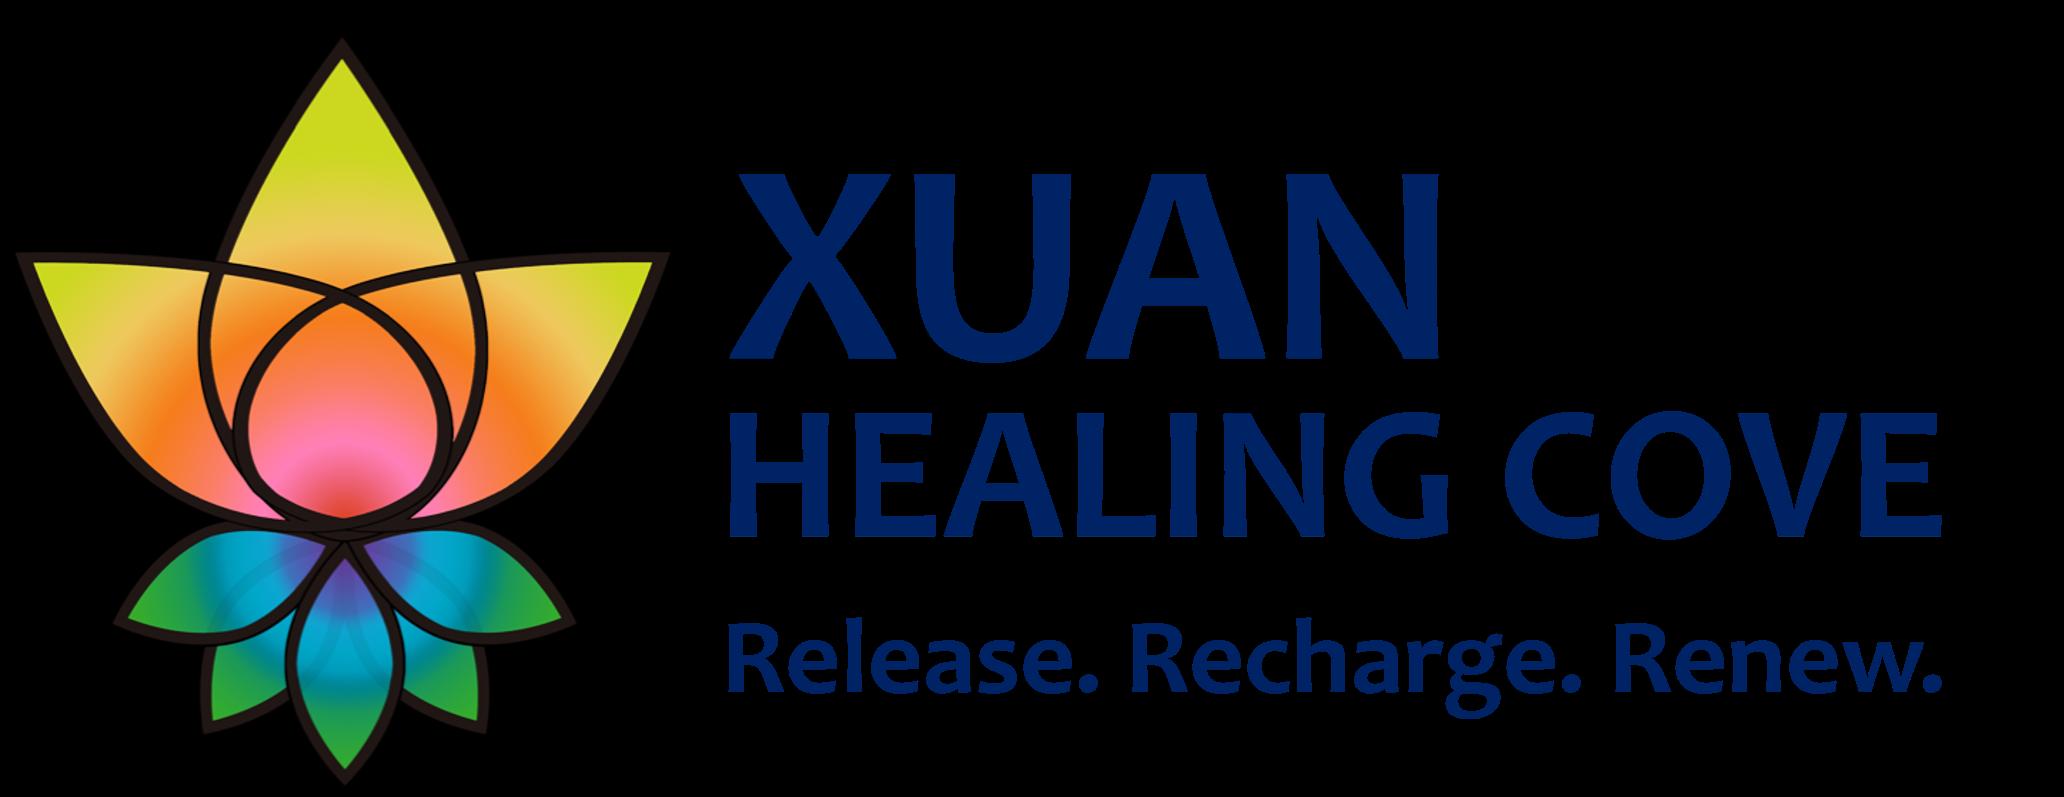 Xuan Healing Cove